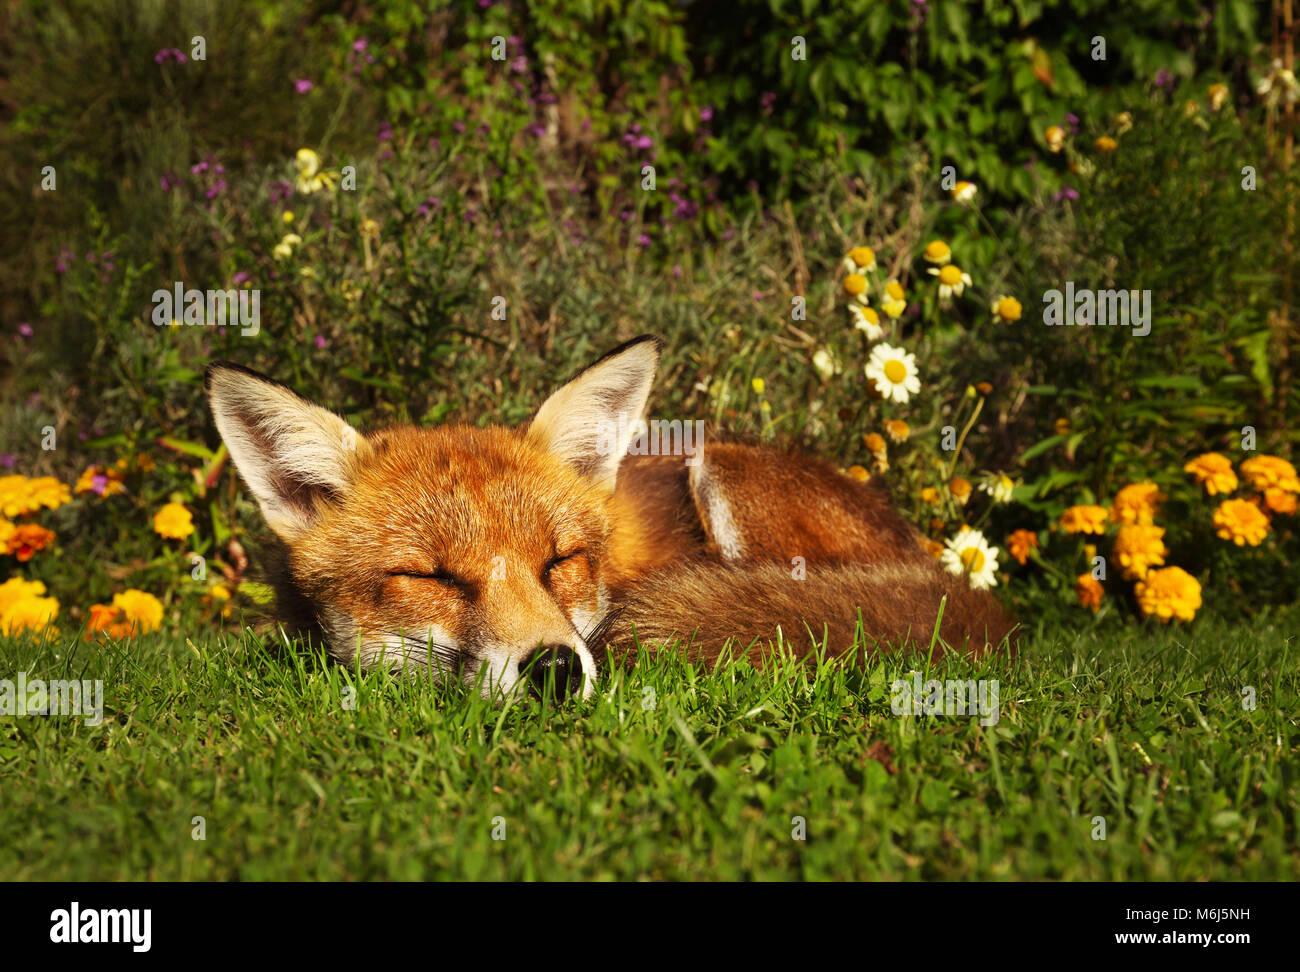 Red Fox dormire in giardino con fiori, estate nel Regno Unito. Immagini Stock